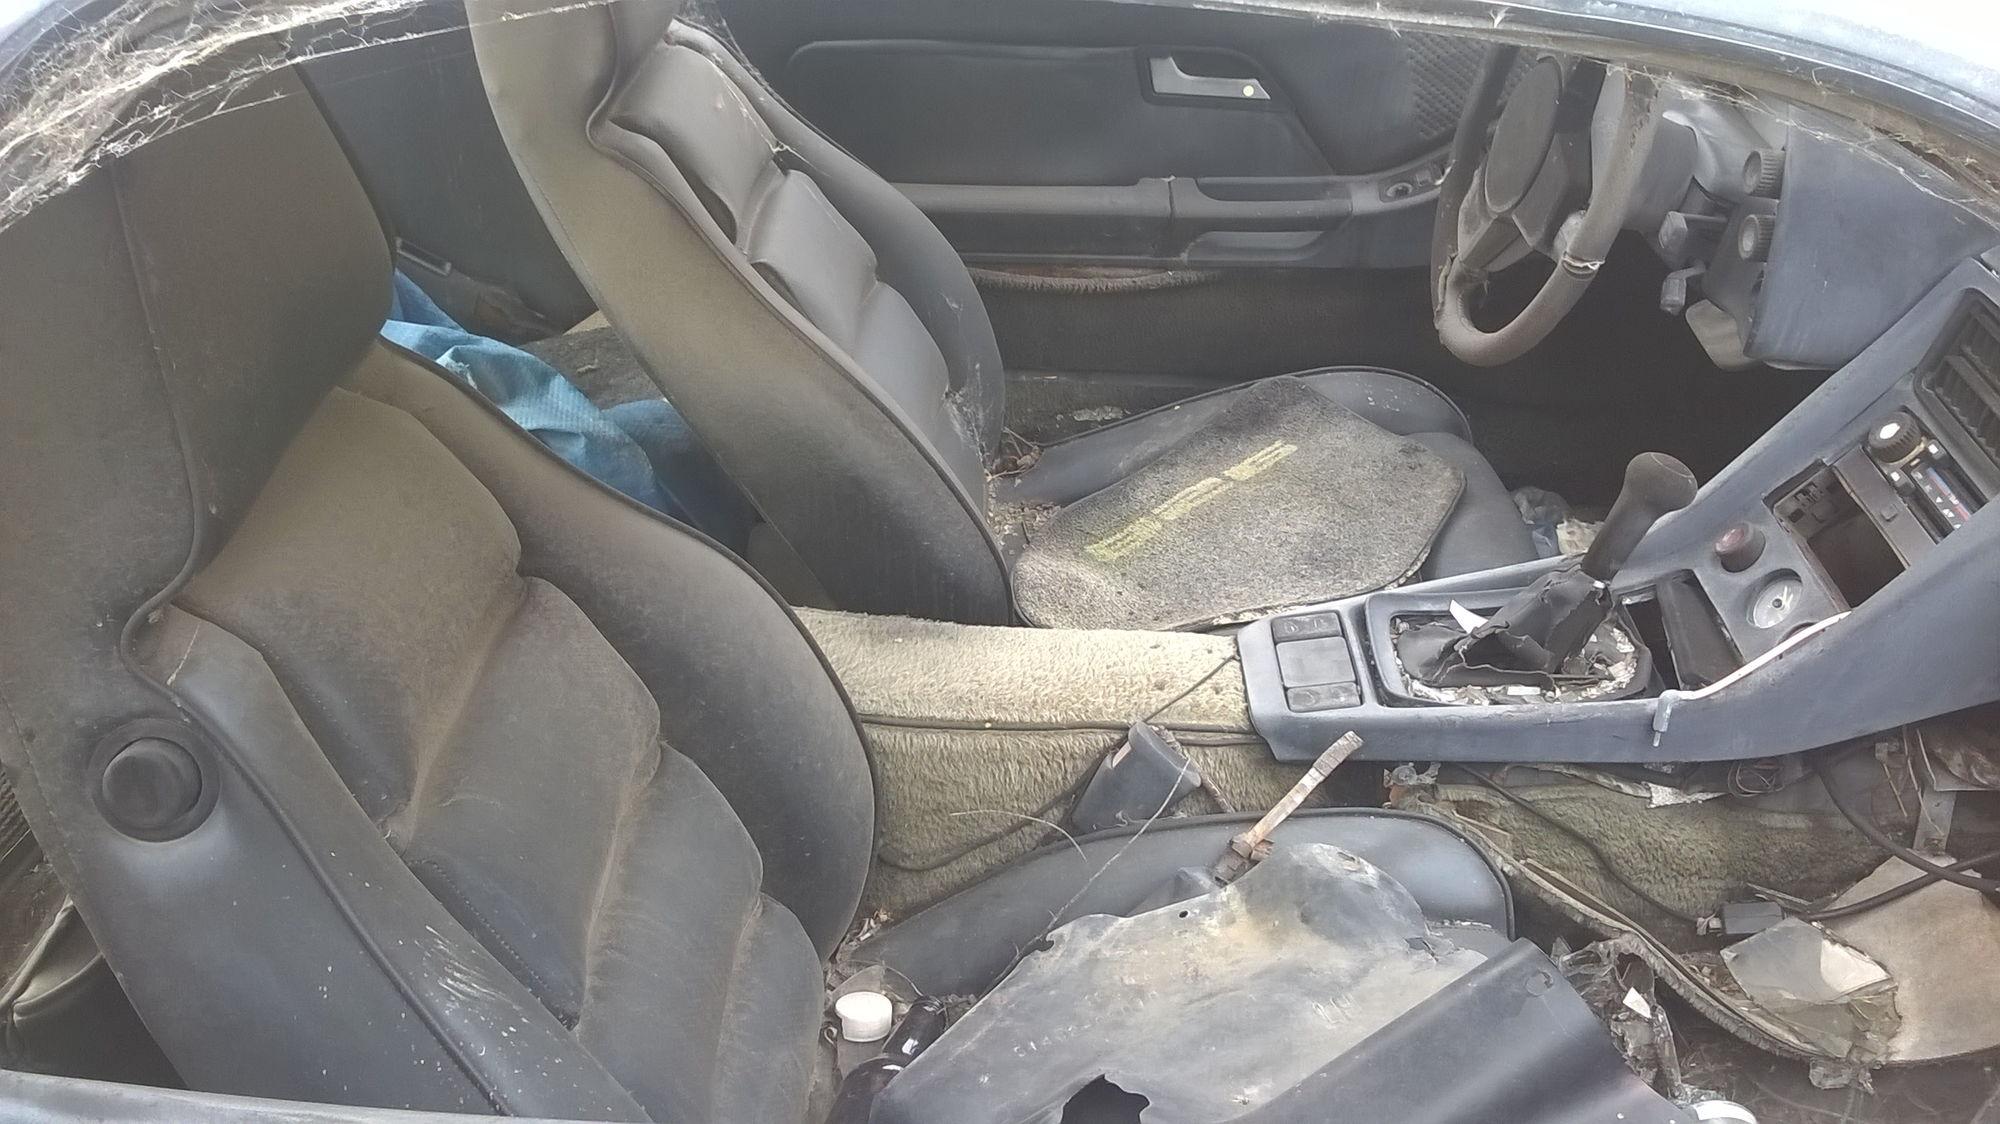 Craigslist: San Diego - Parts Car x2 - Rennlist Discussion ...